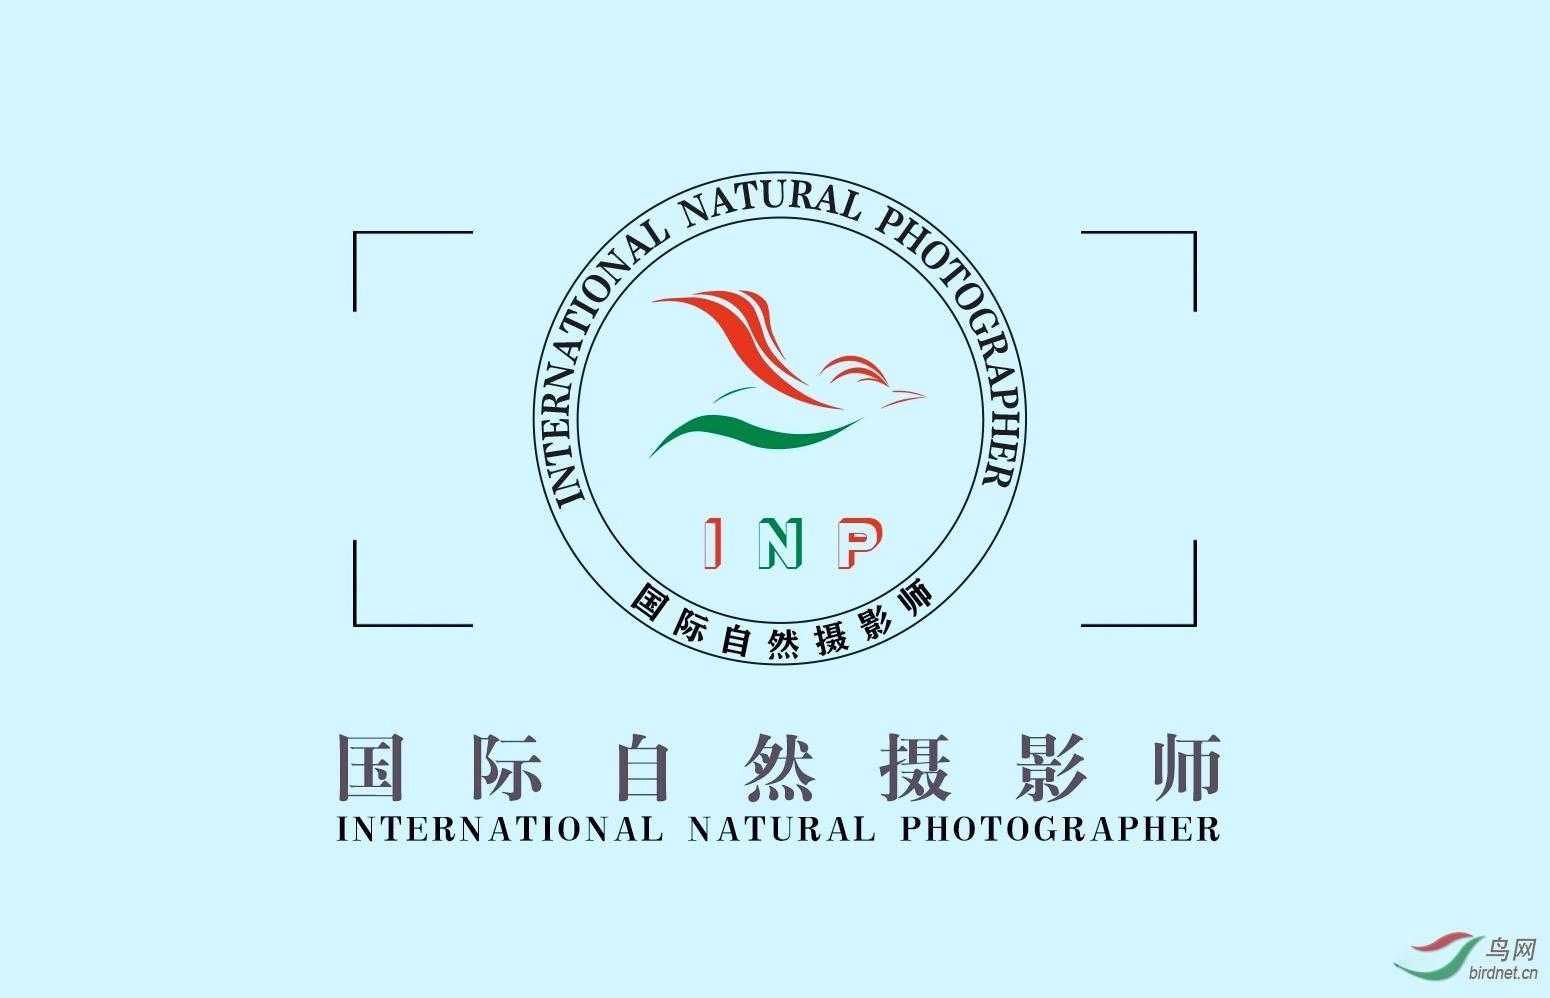 国际自然摄影师图标.jpg